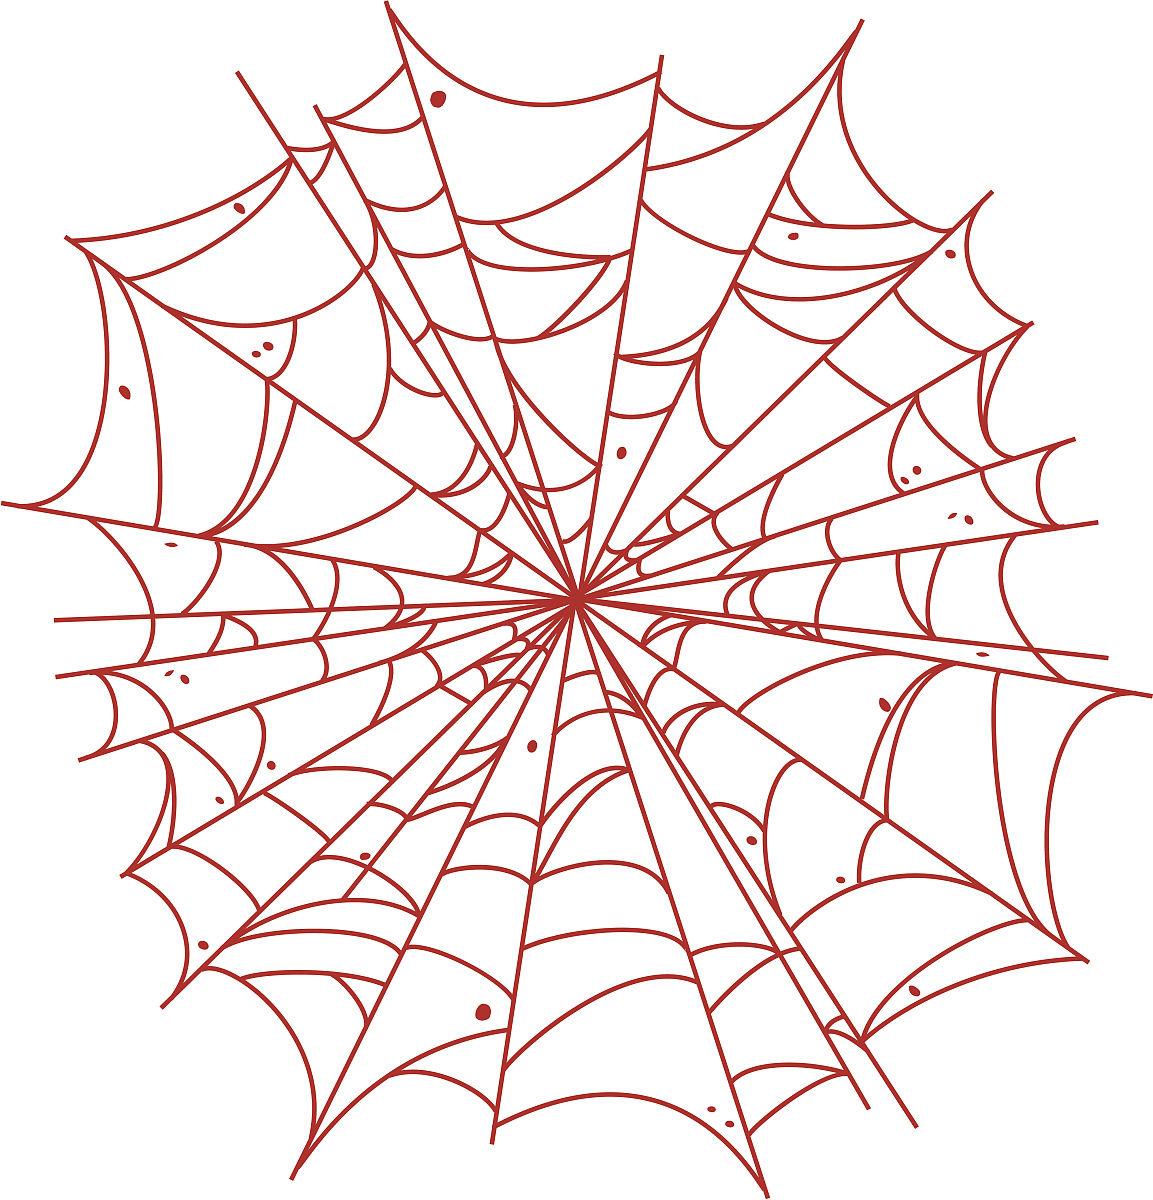 蜘蛛网纹身图片大全展示图片